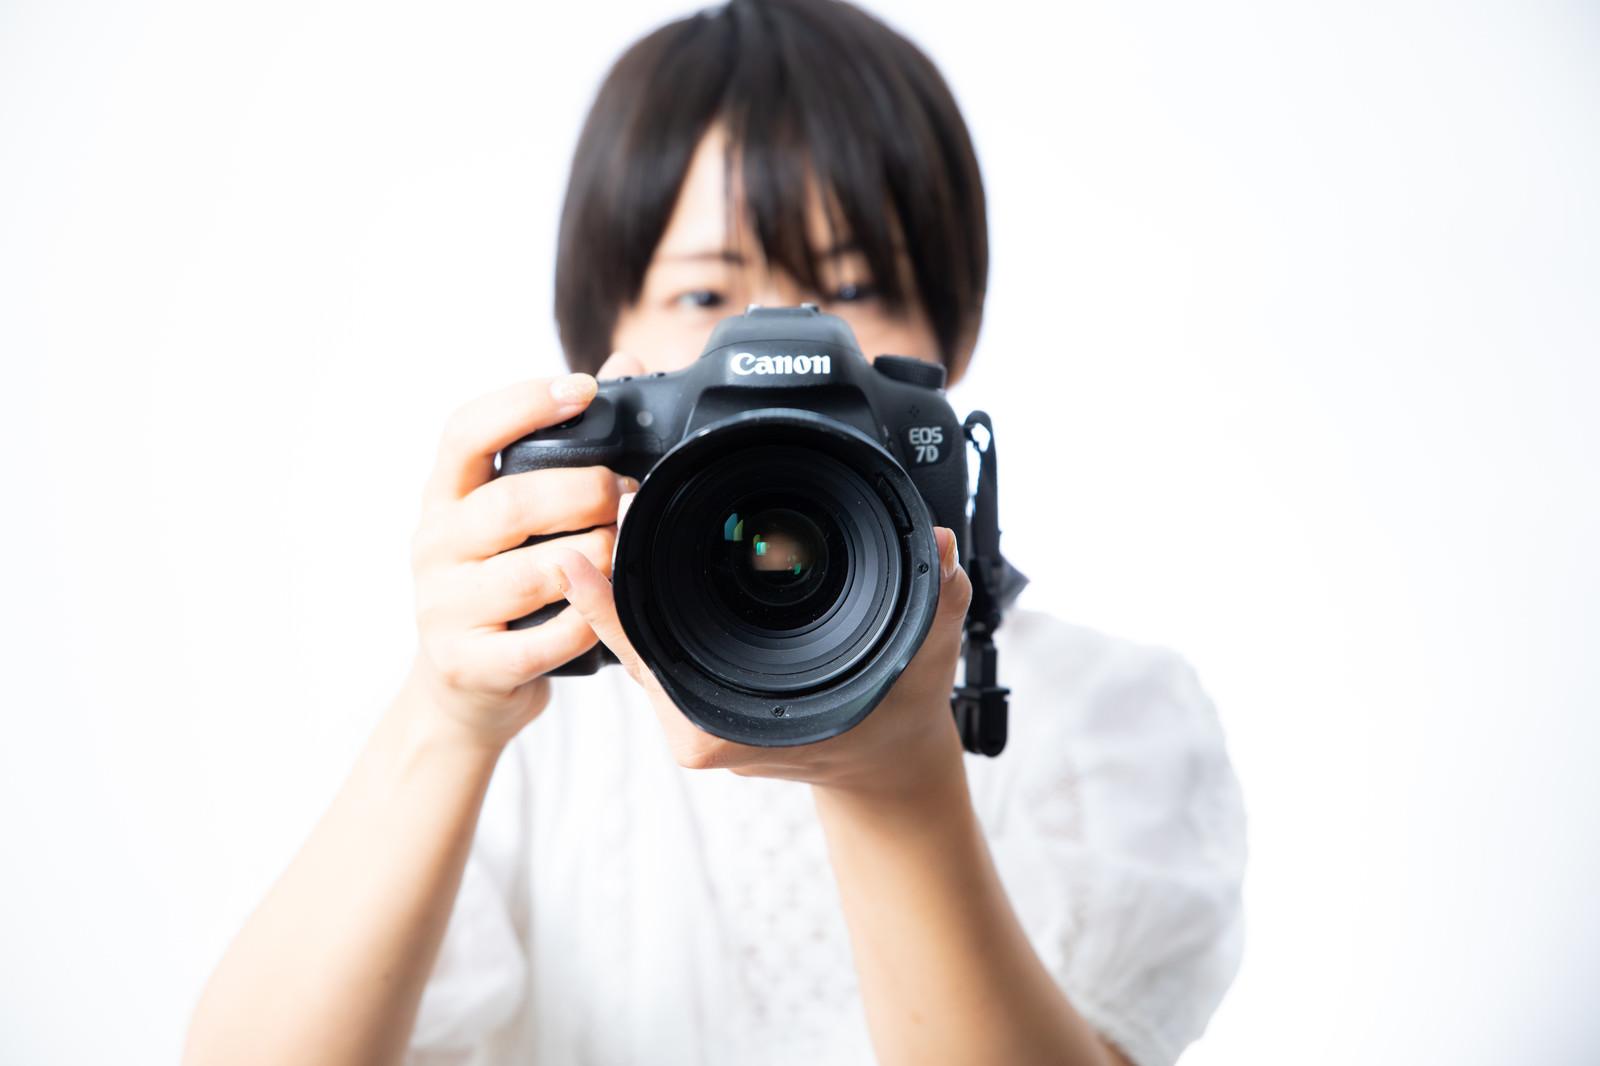 「大口径のレンズで撮影中 | 写真の無料素材・フリー素材 - ぱくたそ」の写真[モデル:にゃるる]